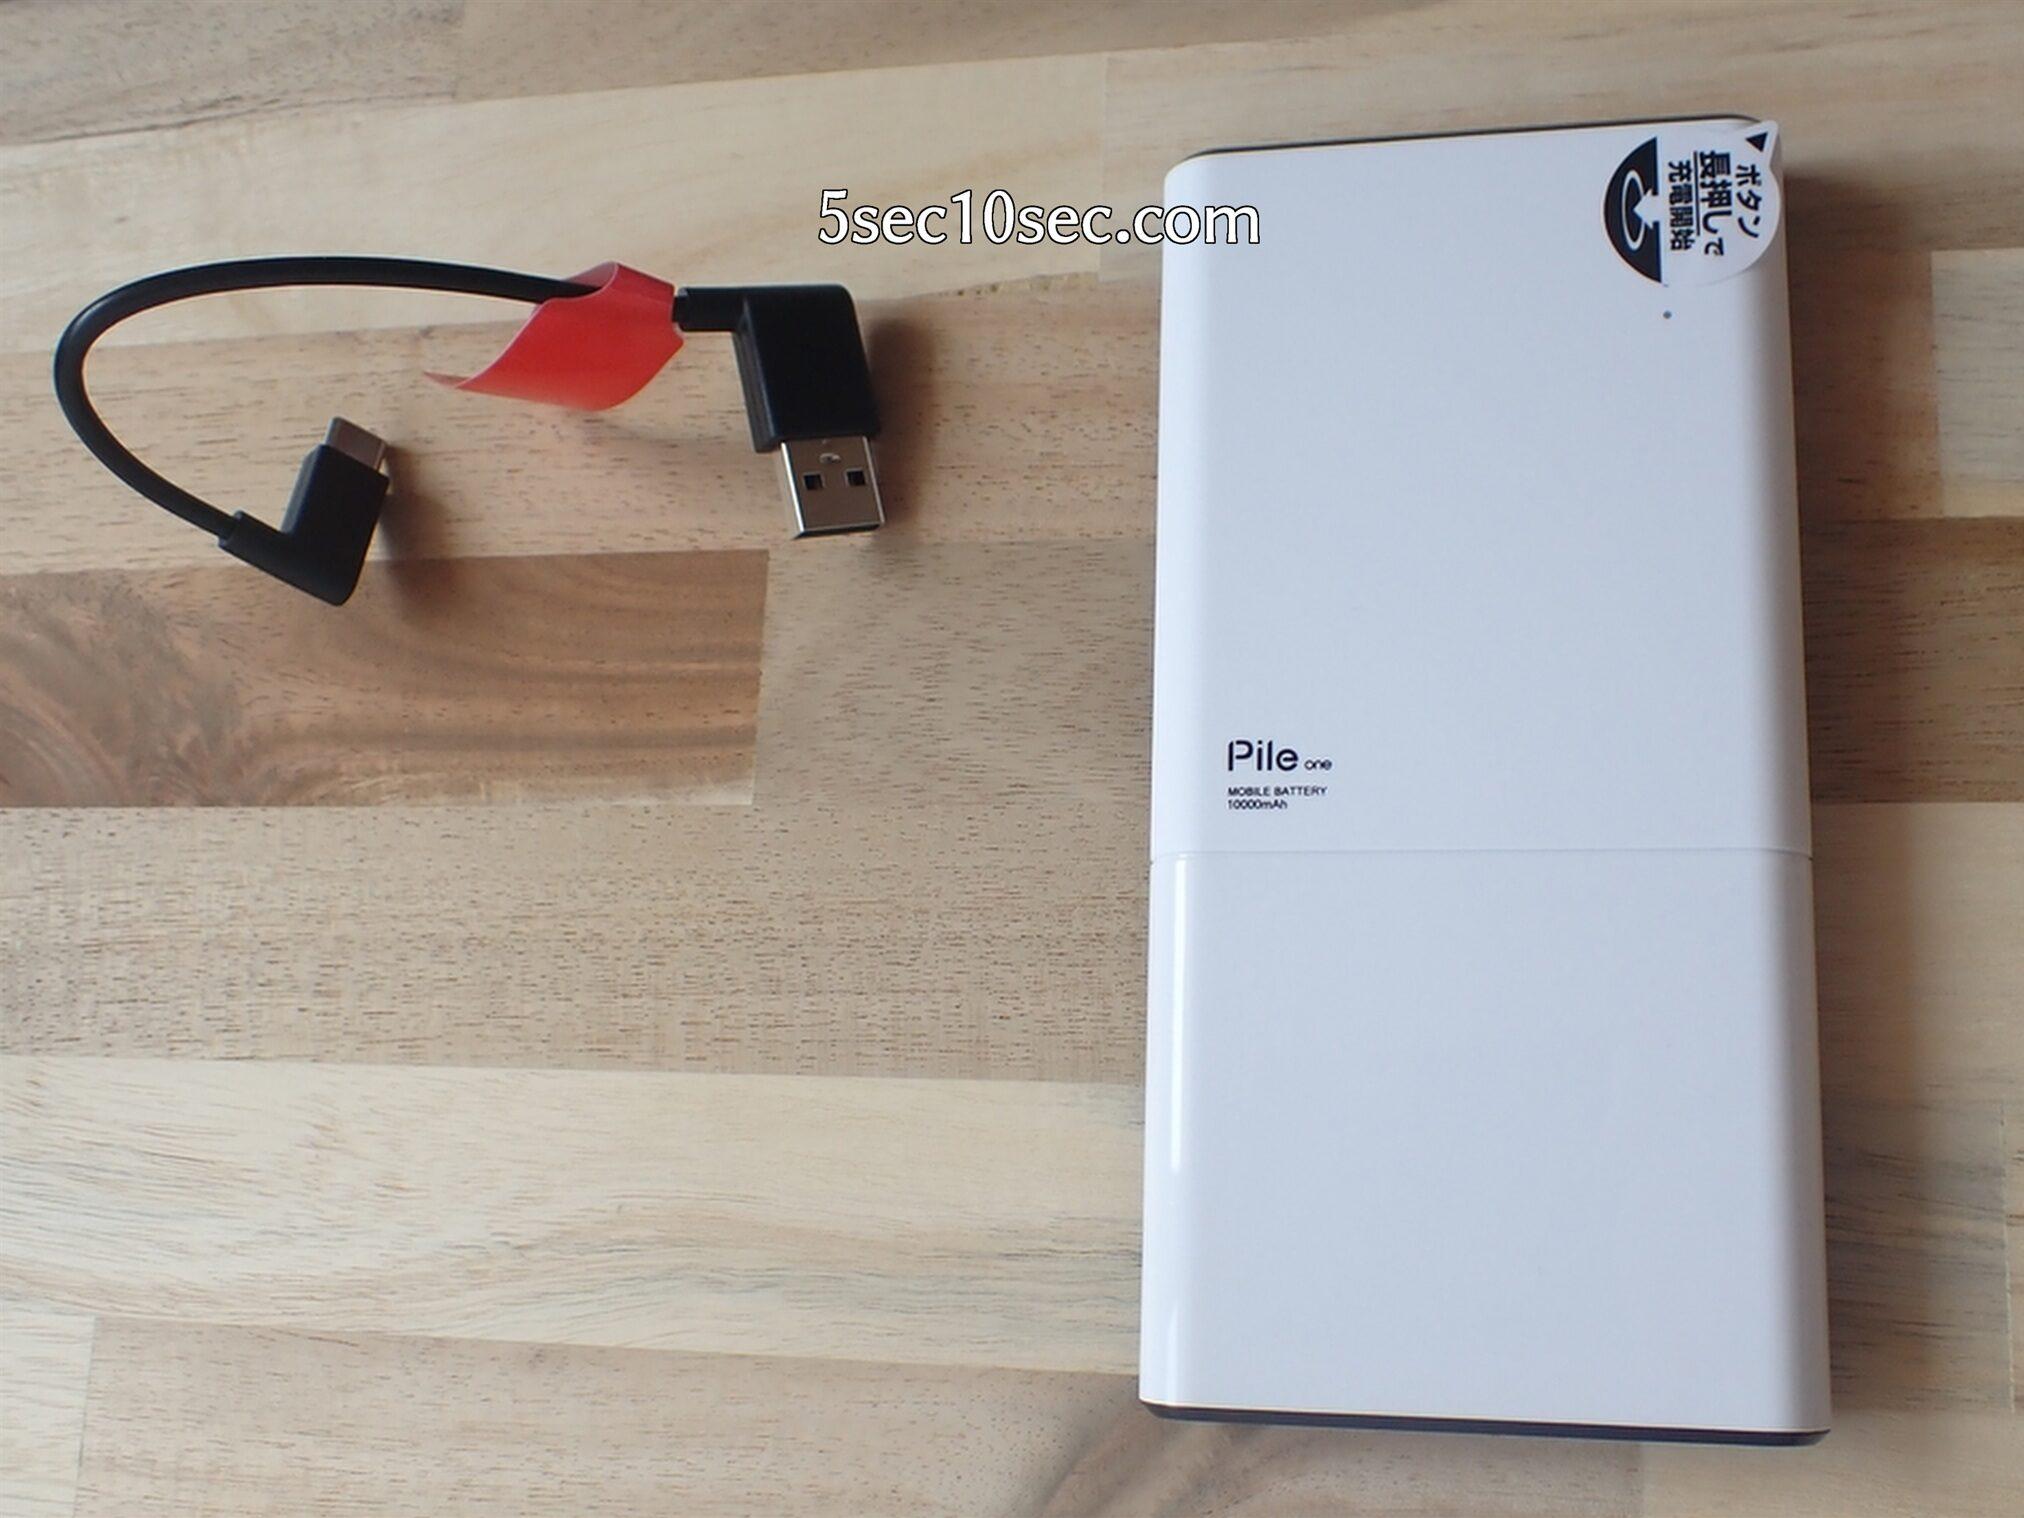 エレコム モバイルバッテリー Pile one Type-Cポート搭載 10000mAh 大容量 4.8A出力 DE-M08-N10048WH 開封写真、中に入っている物の全て